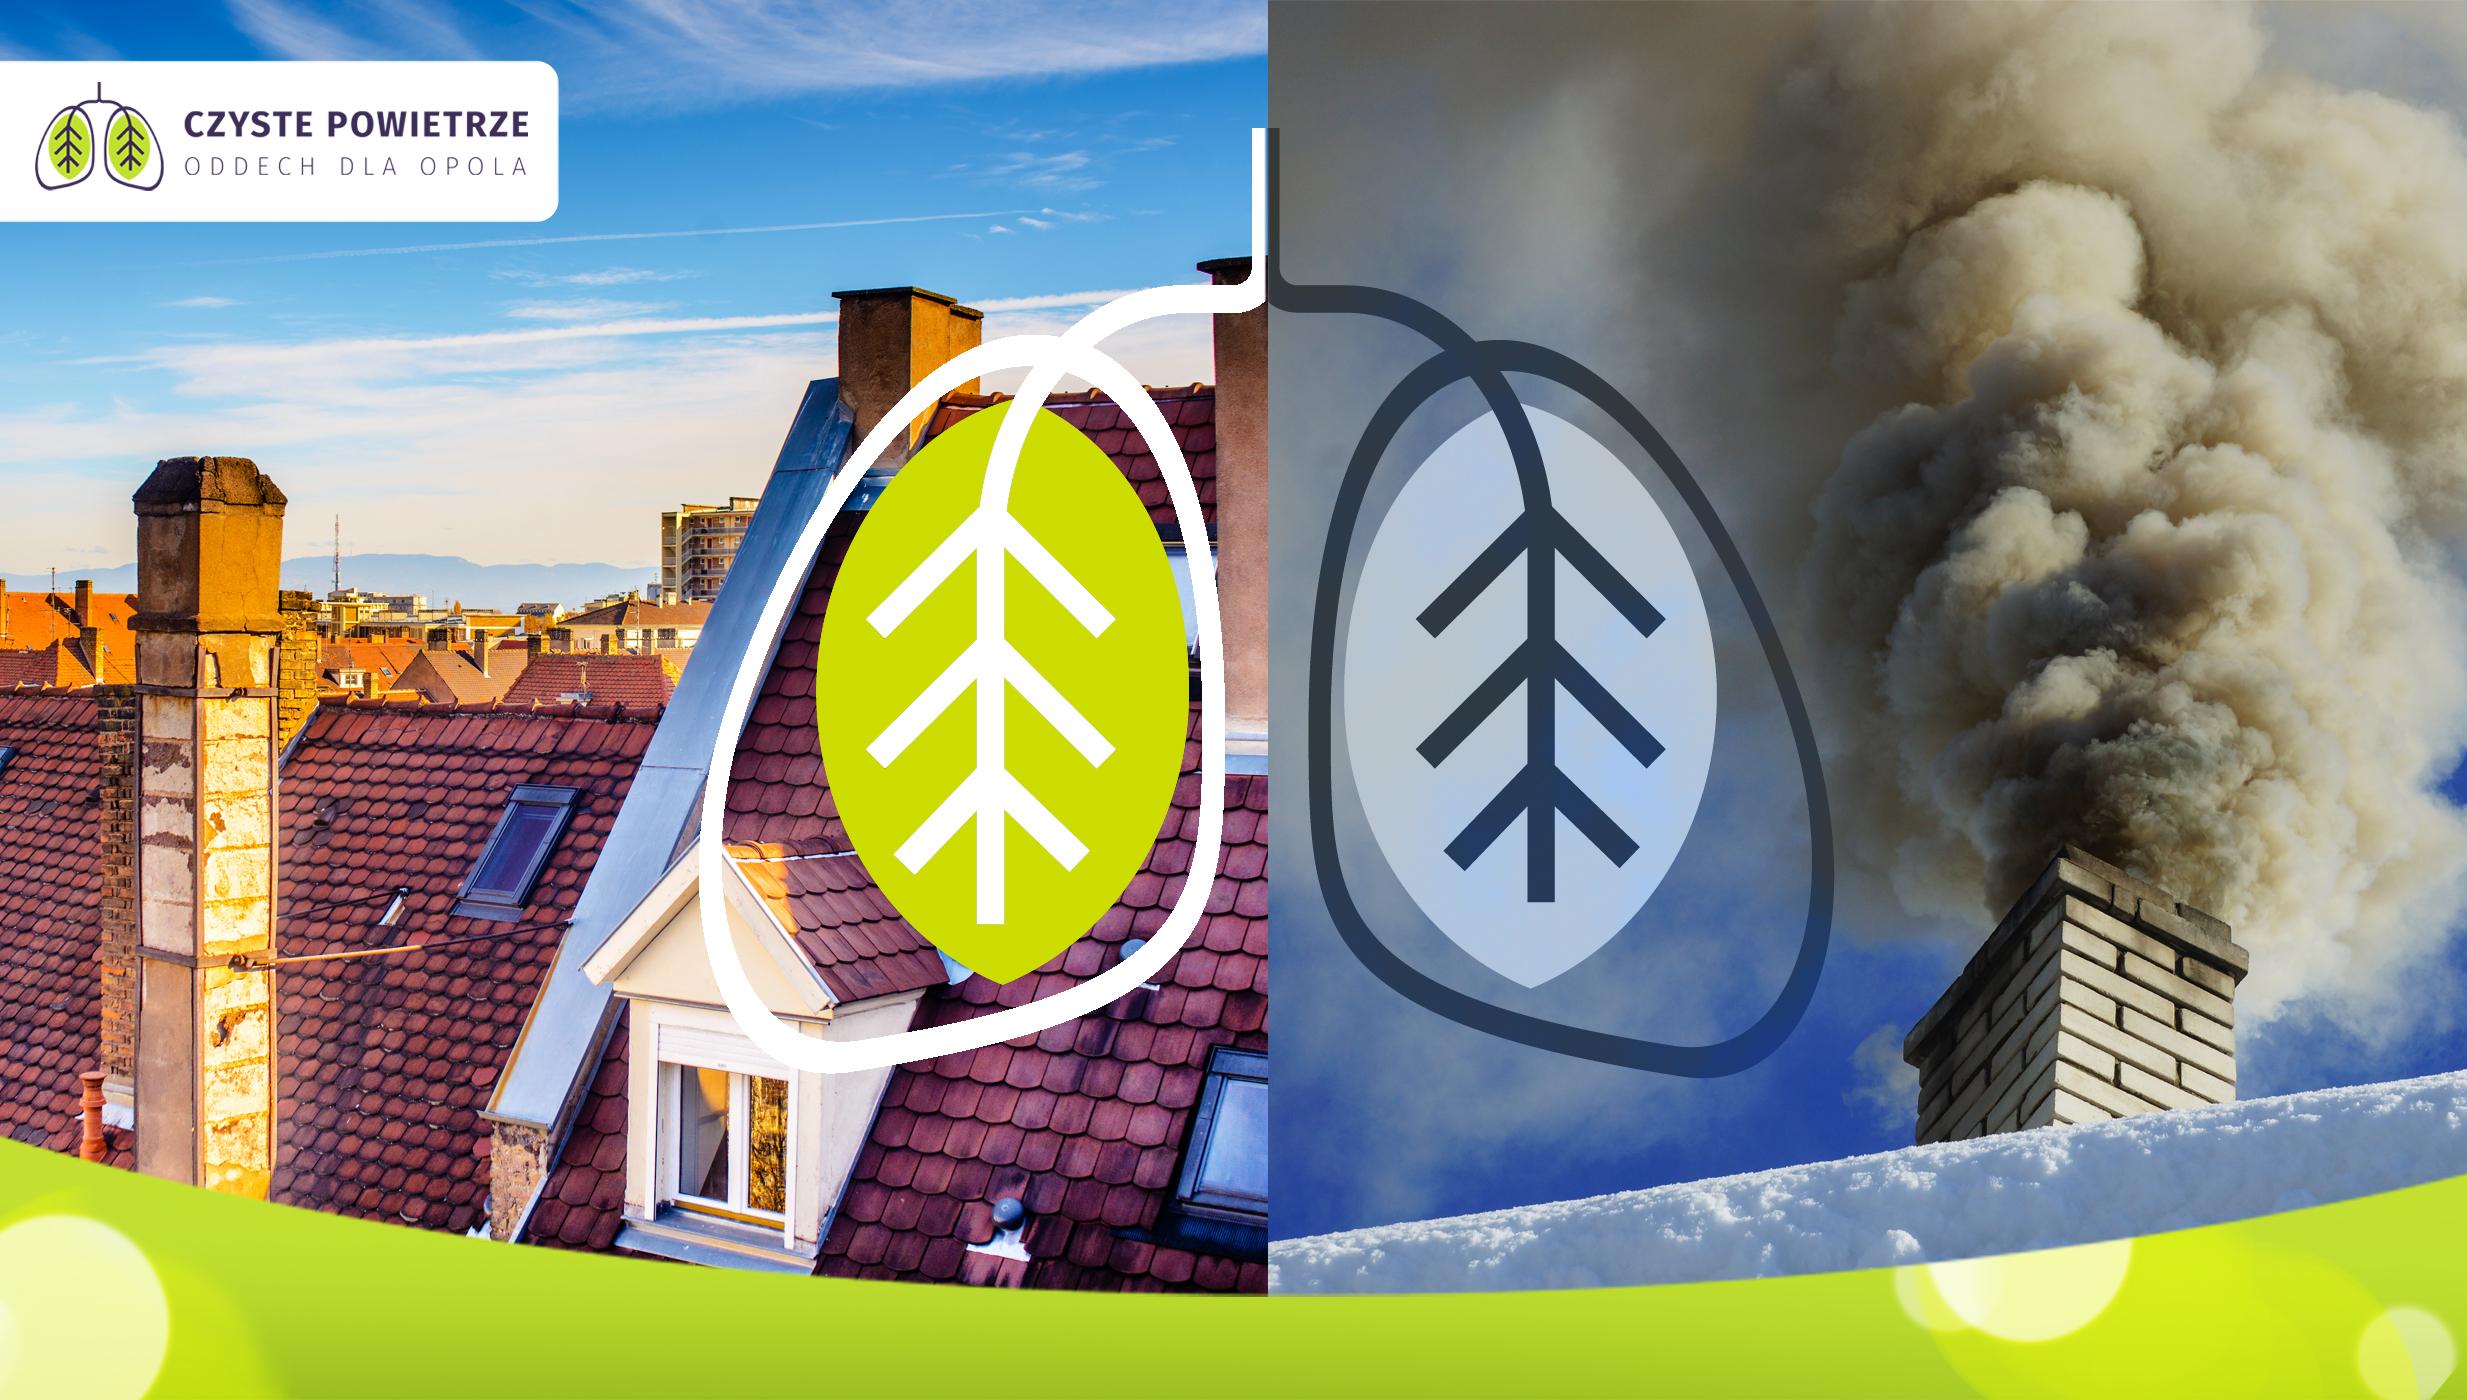 Czyste kontra zanieczyszczone powietrze - grafika przygotowana w ramach portfolio MDI (kampania Oddech dla Opola).